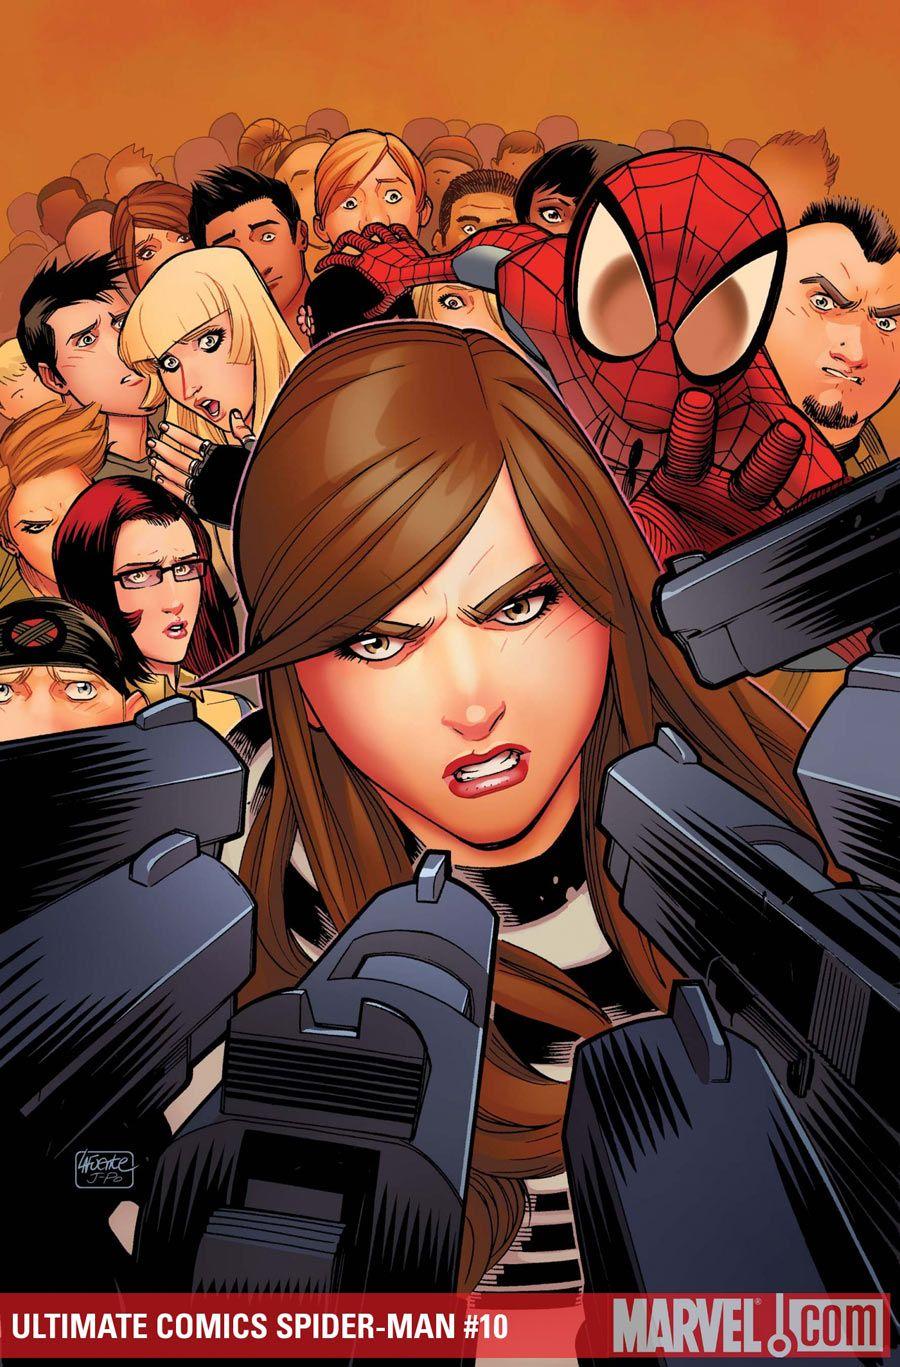 Ultimate Comics Spider Man 10 Jpg 900 1367 Ultimate Spiderman Spiderman Spiderman Art